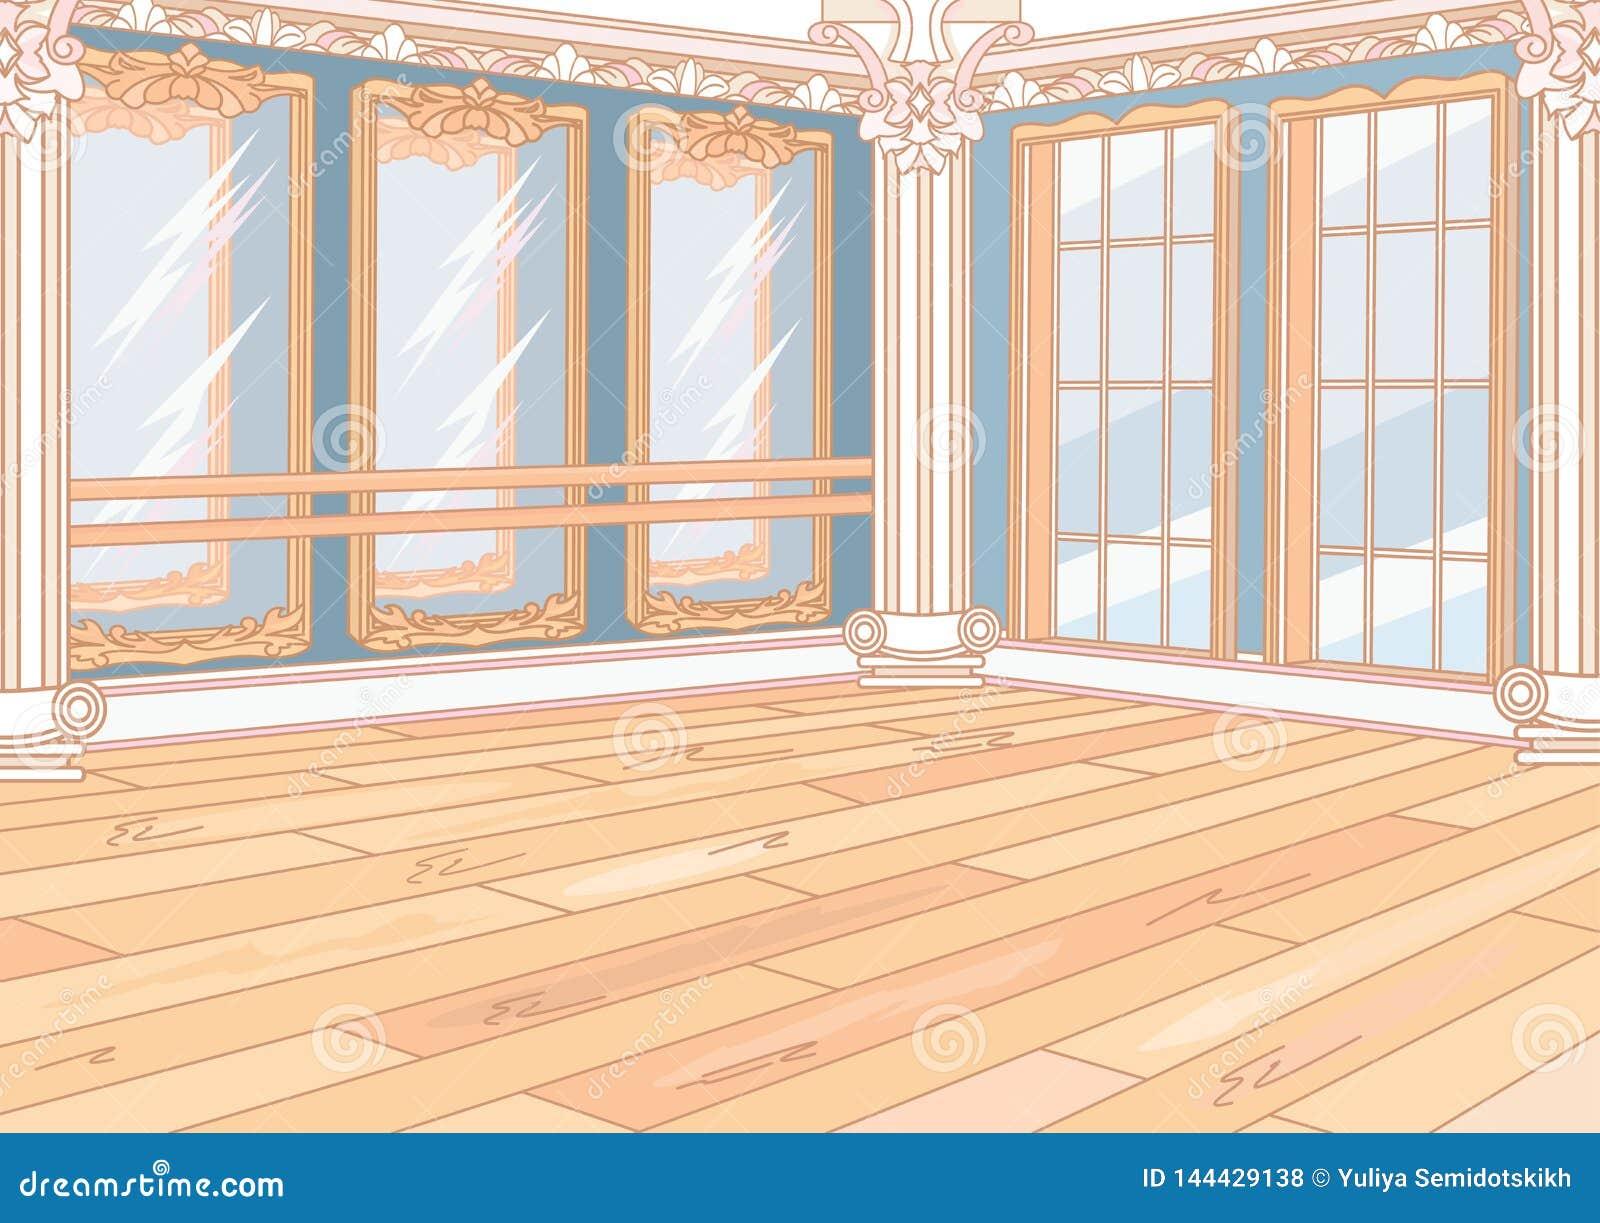 Εσωτερικό στούντιο μπαλέτου με τους καθρέφτες